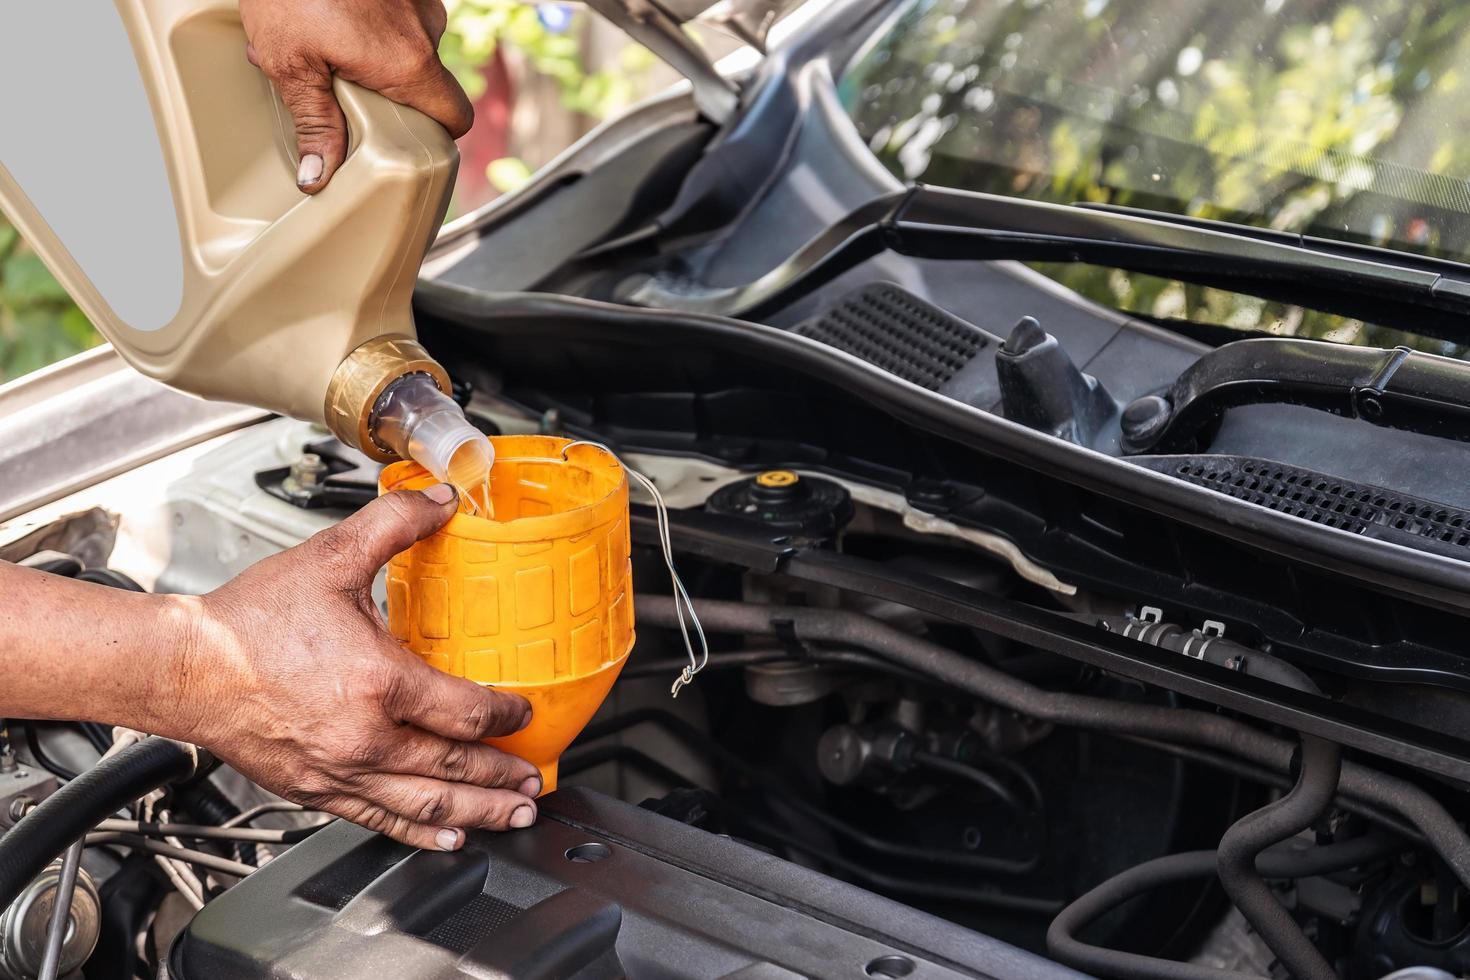 cambiare l'olio per auto foto